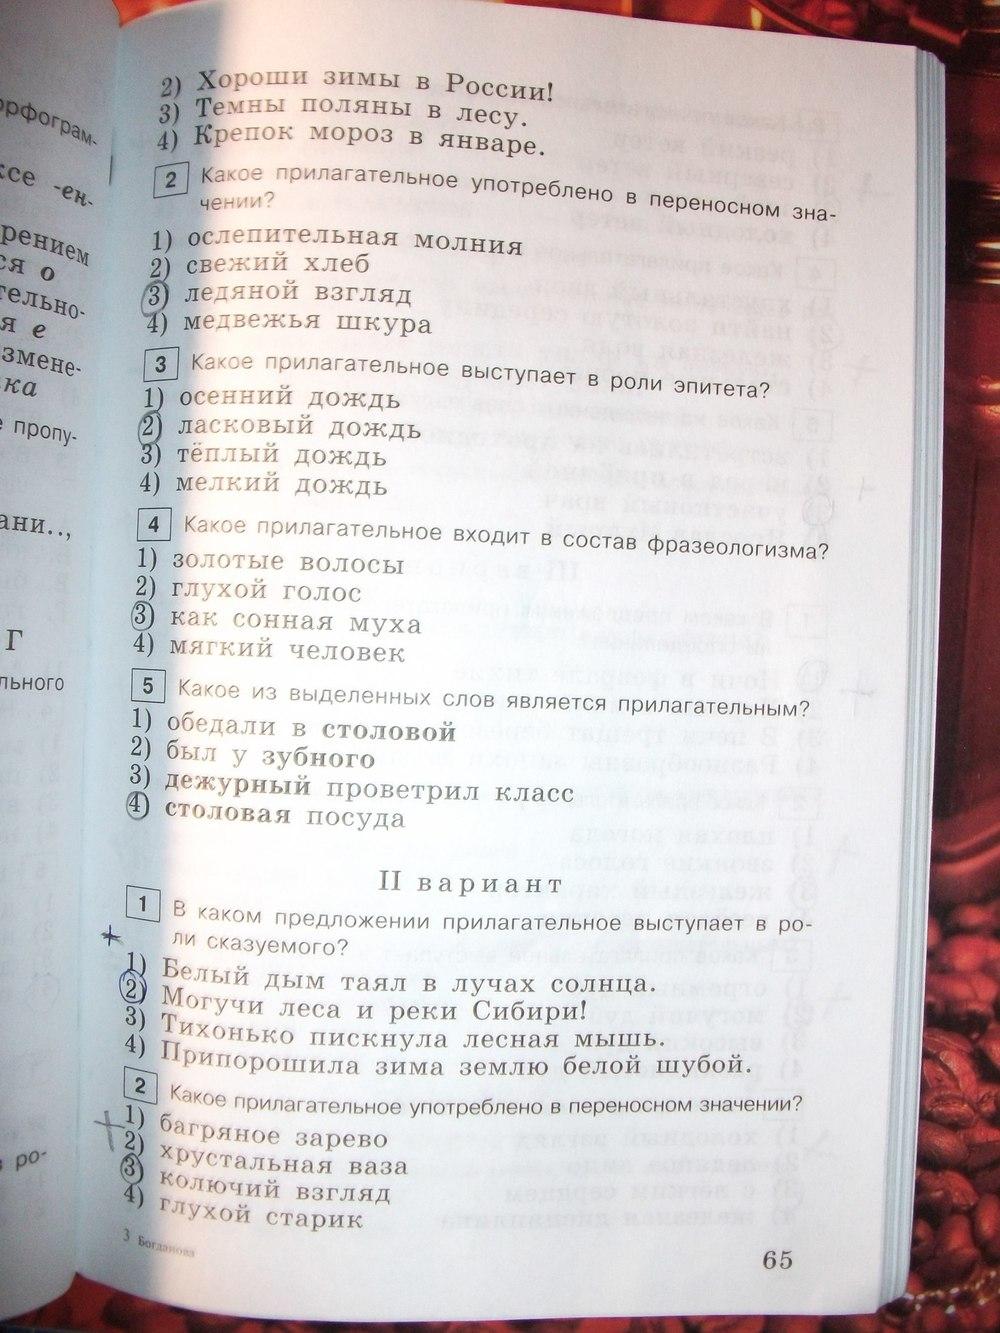 Ответы по тестовым заданиям по русскому языку за 7 класс богданова